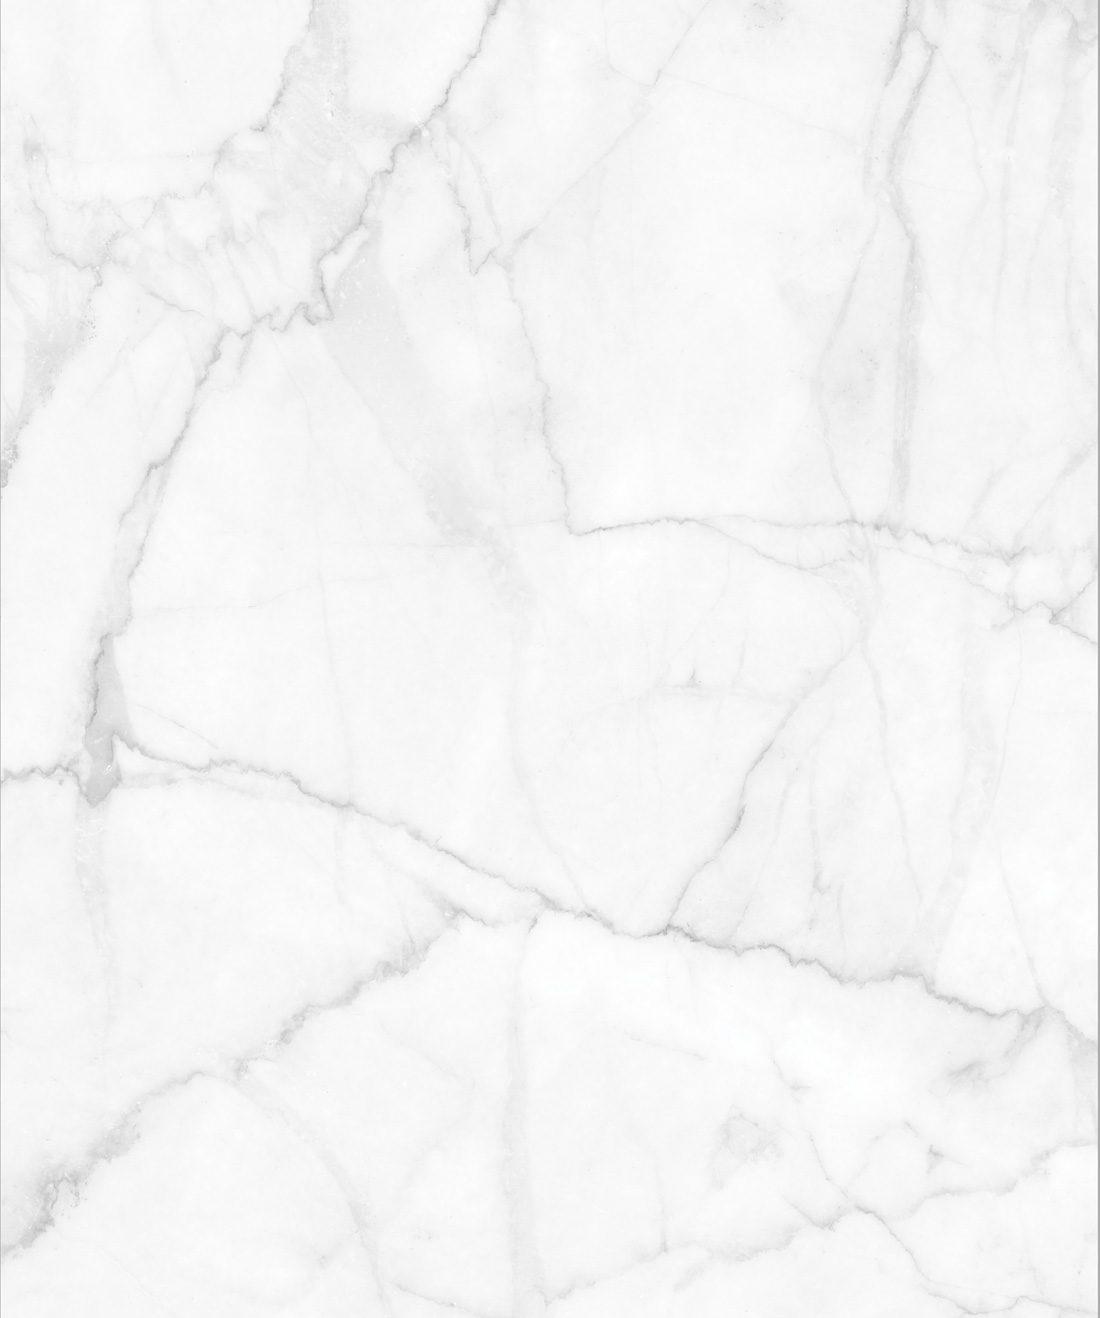 Marble Wallpaper Luxury Realistic White Marble Milton King